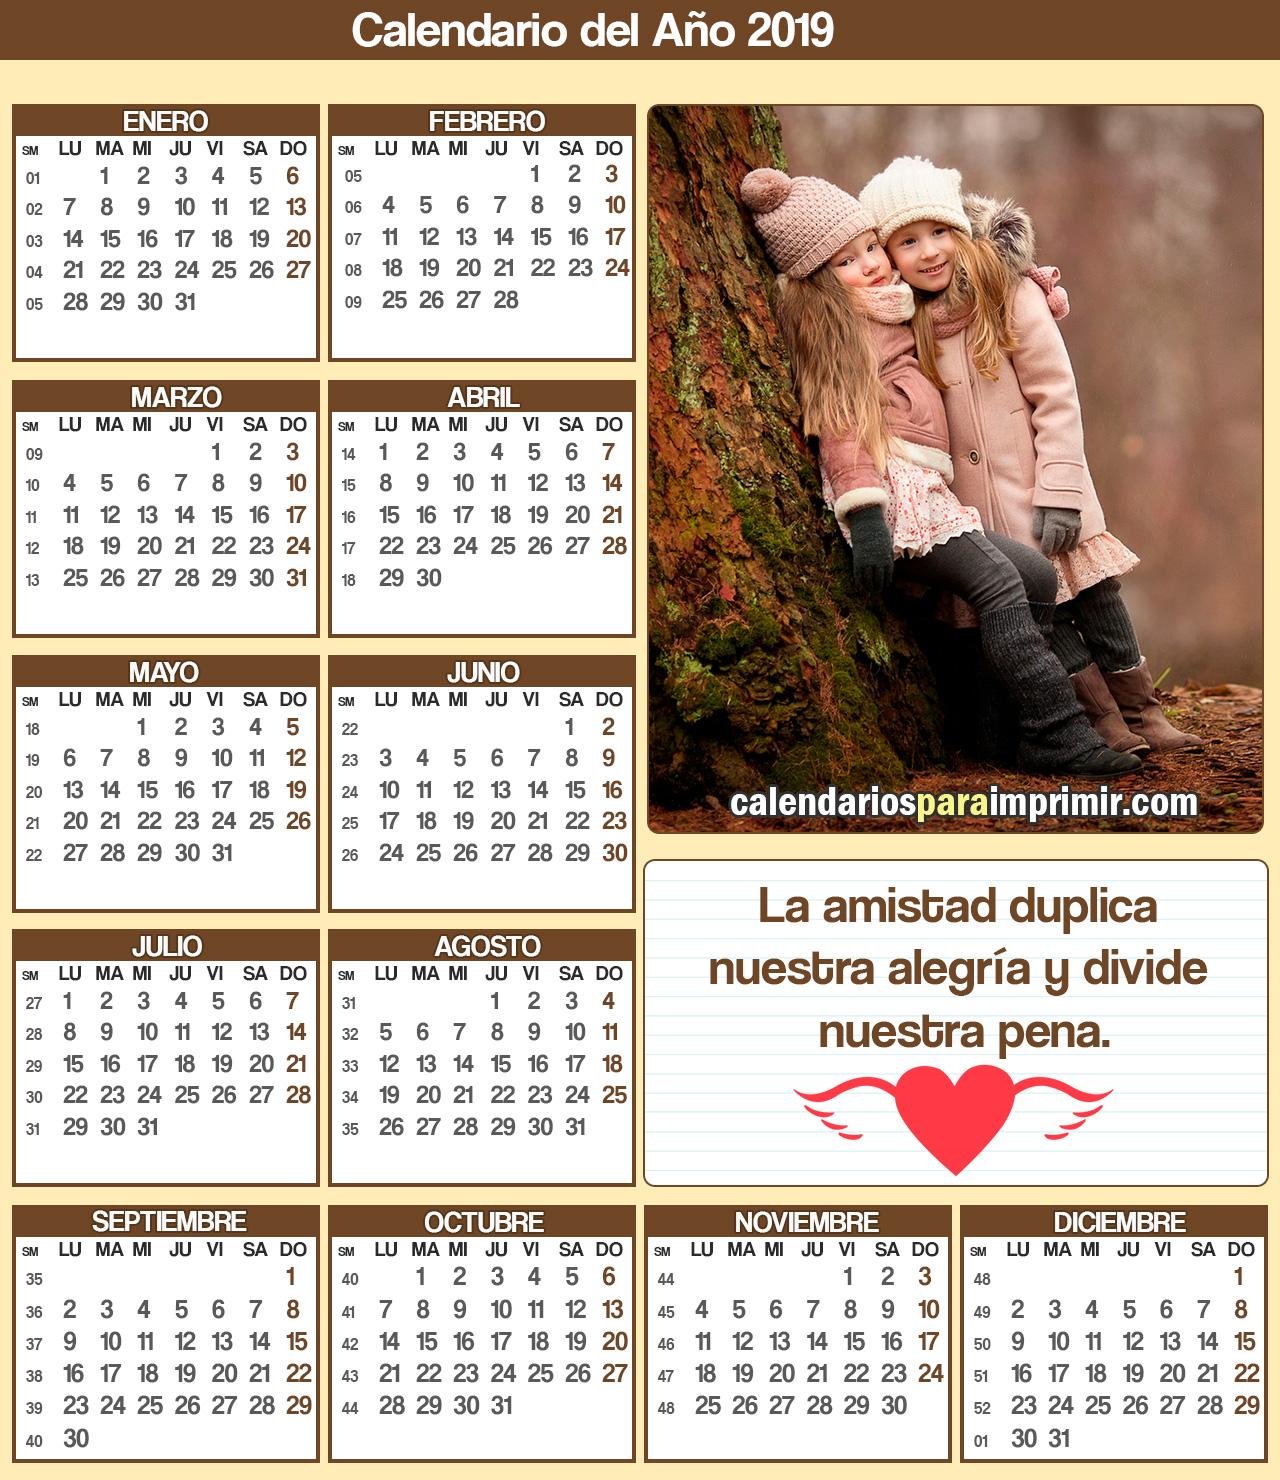 calendario amistad 2019 imprimir